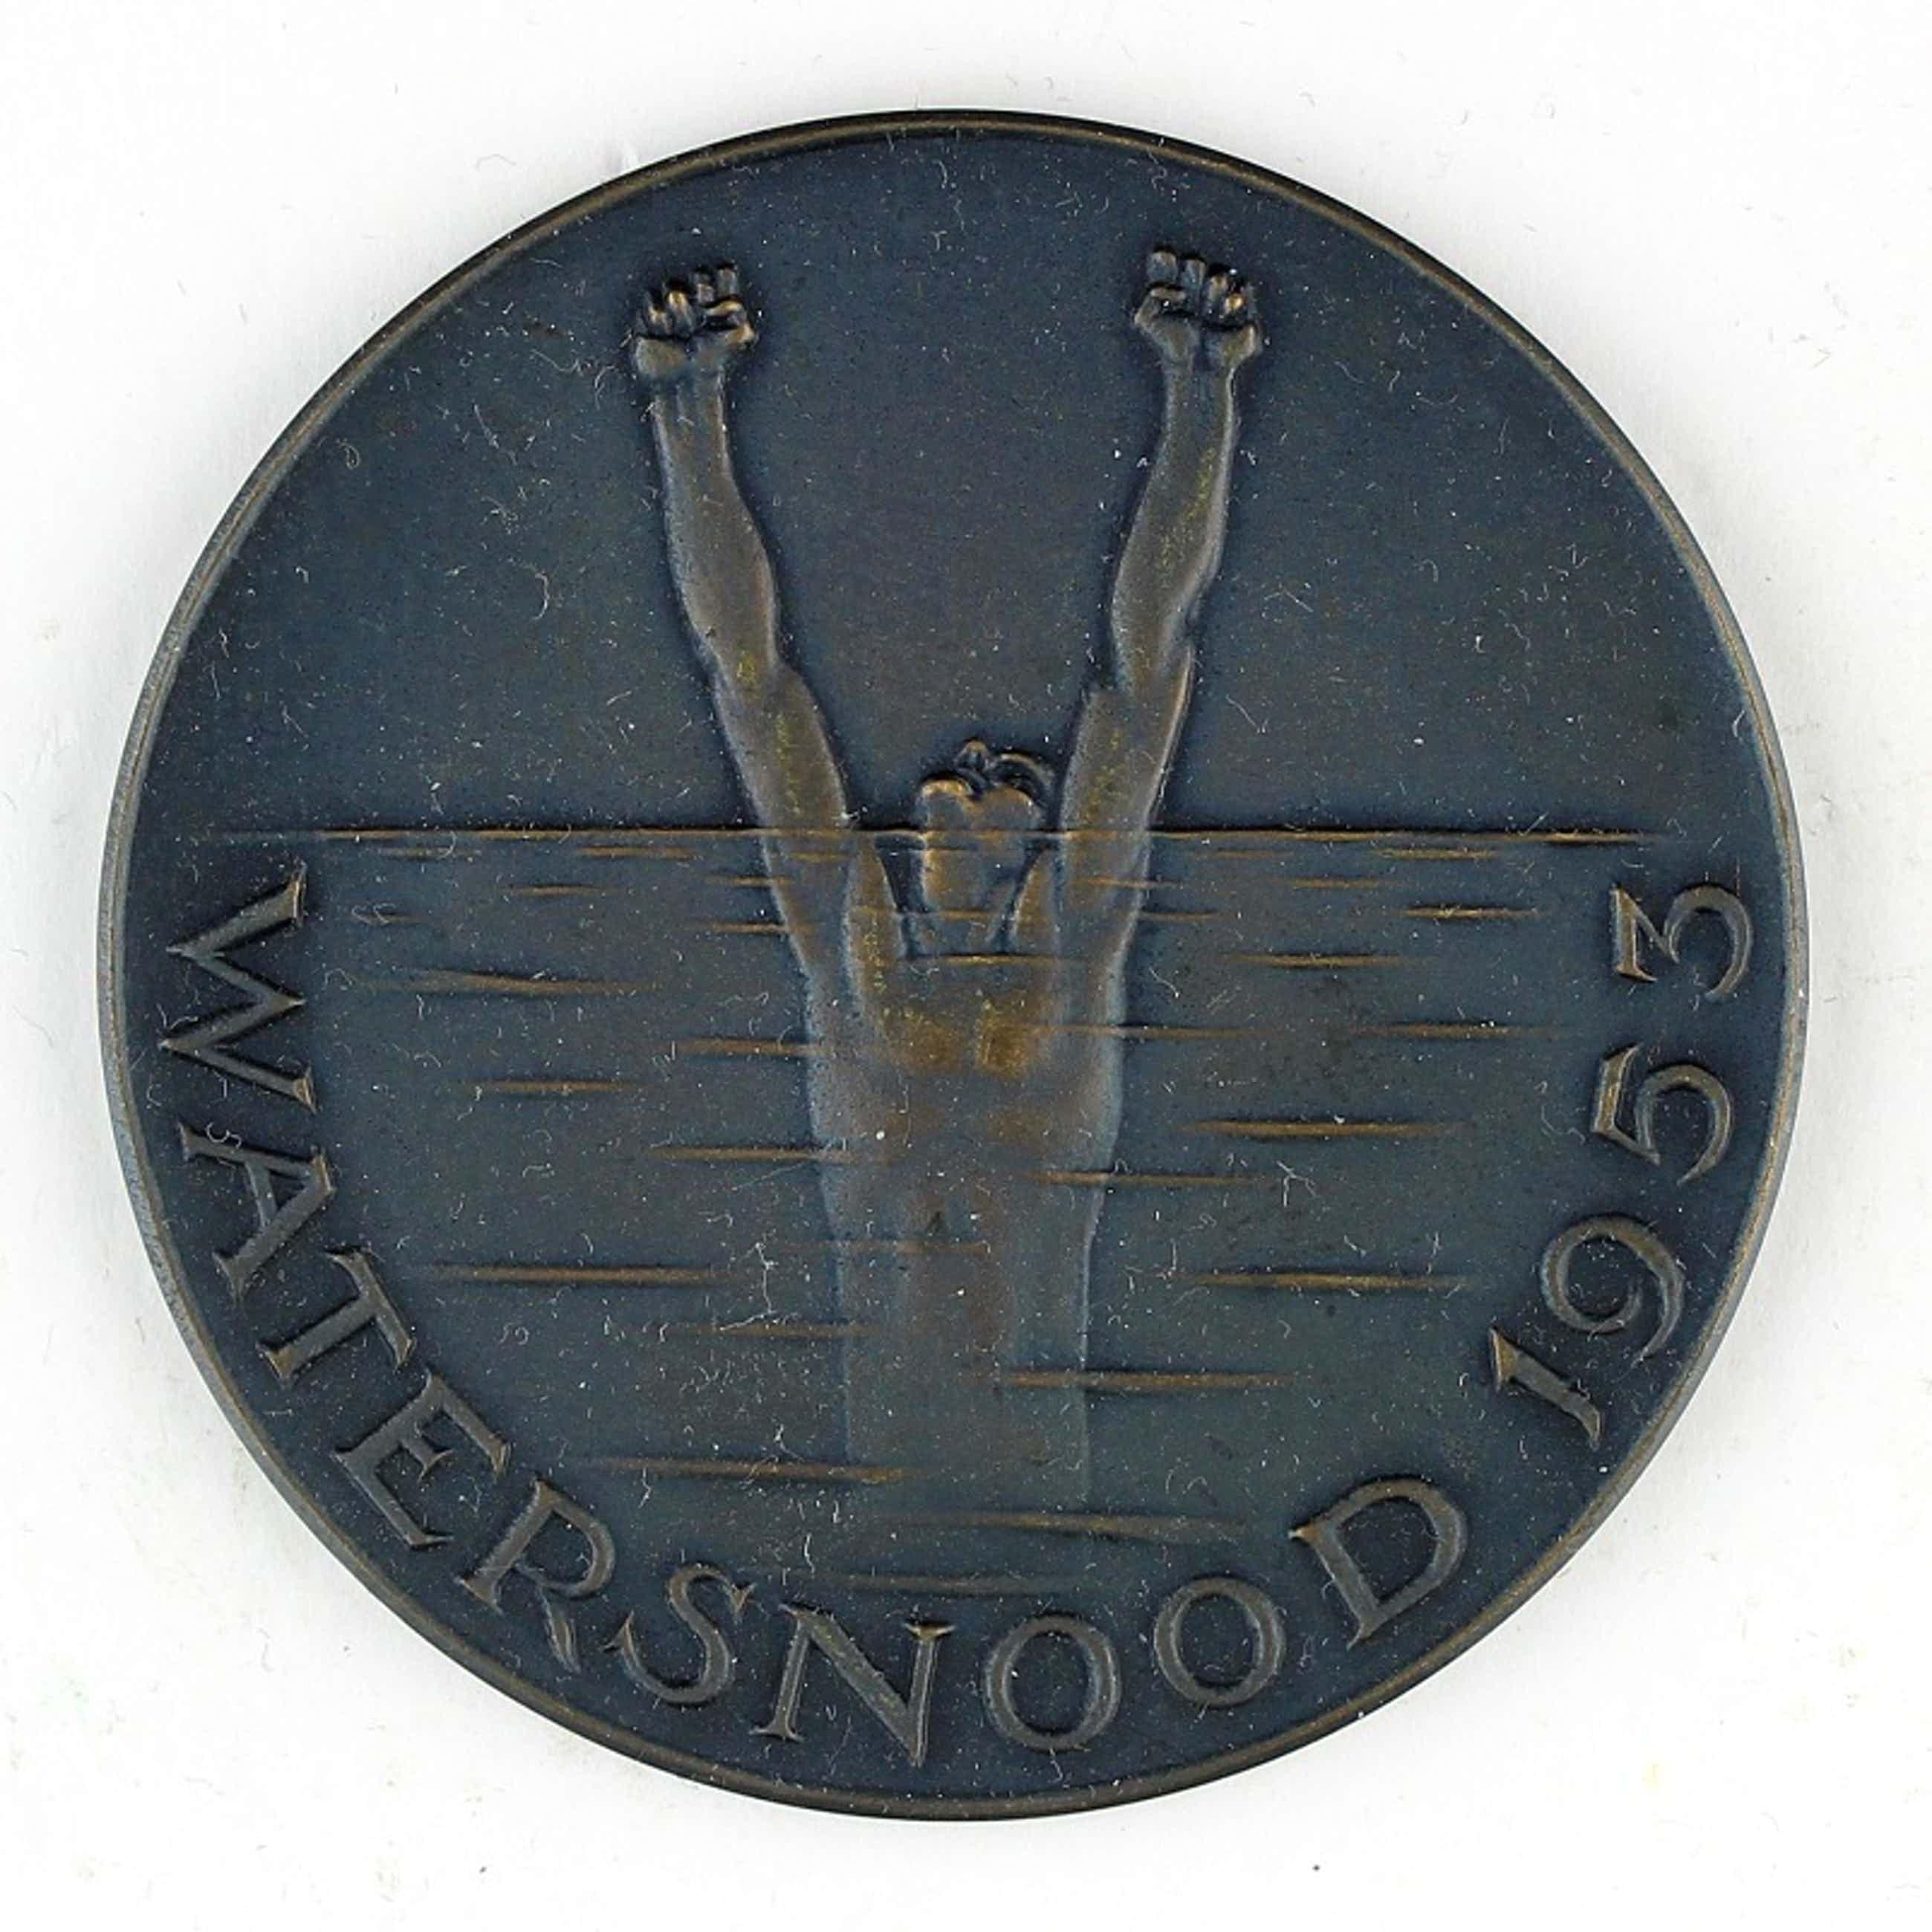 Oswald Wenckebach - Bronzen penning: Watersnood, 1953 kopen? Bied vanaf 50!